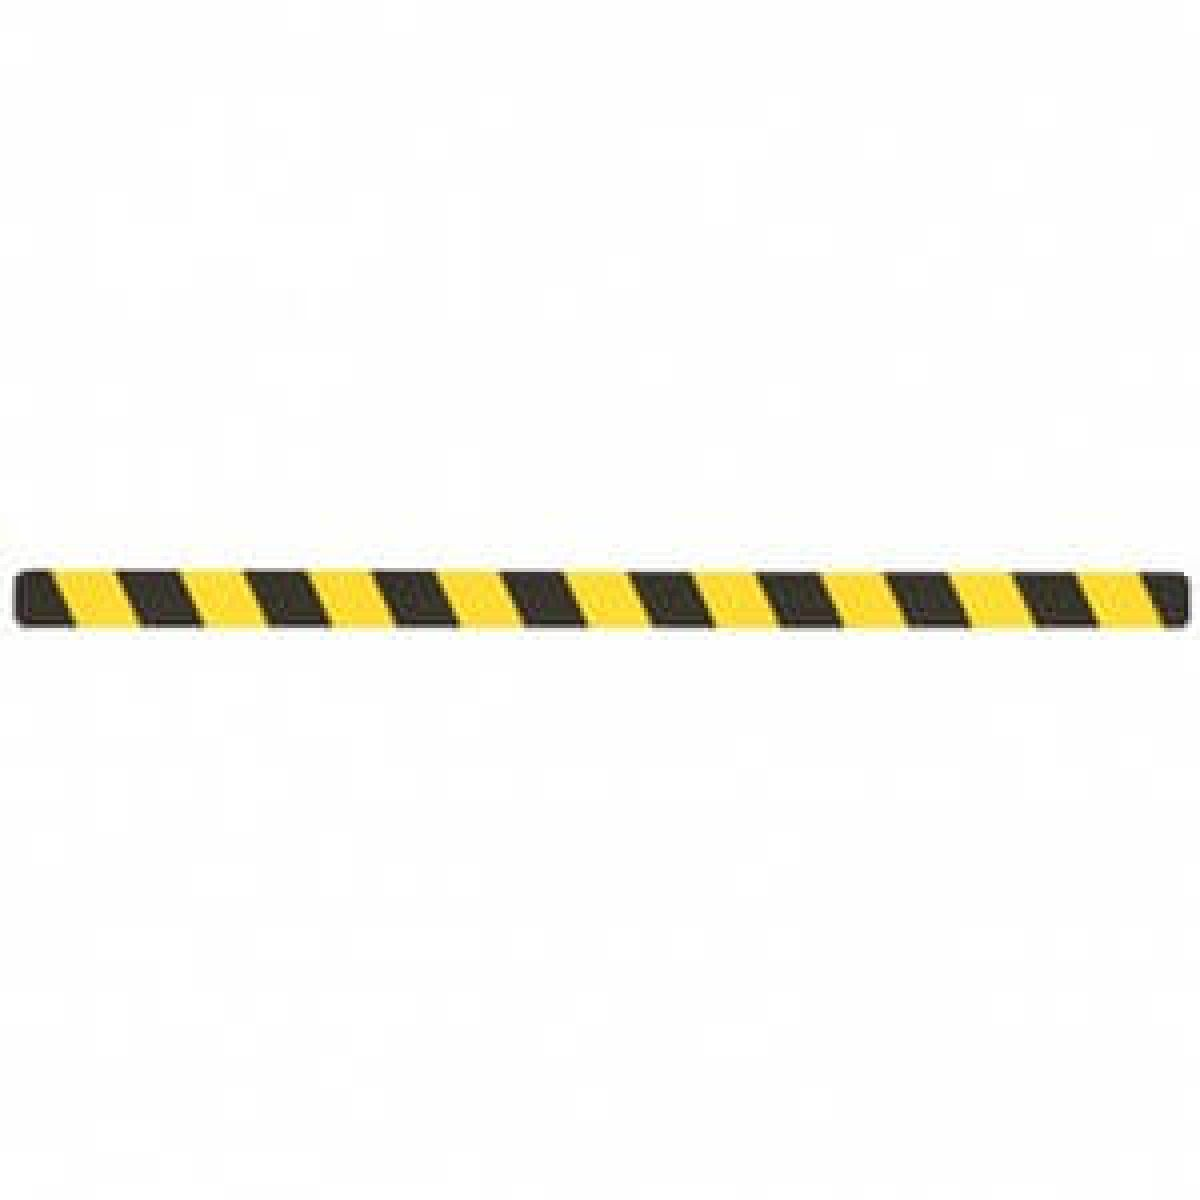 Абразивная фотолюминисцентная лента, желто-черная